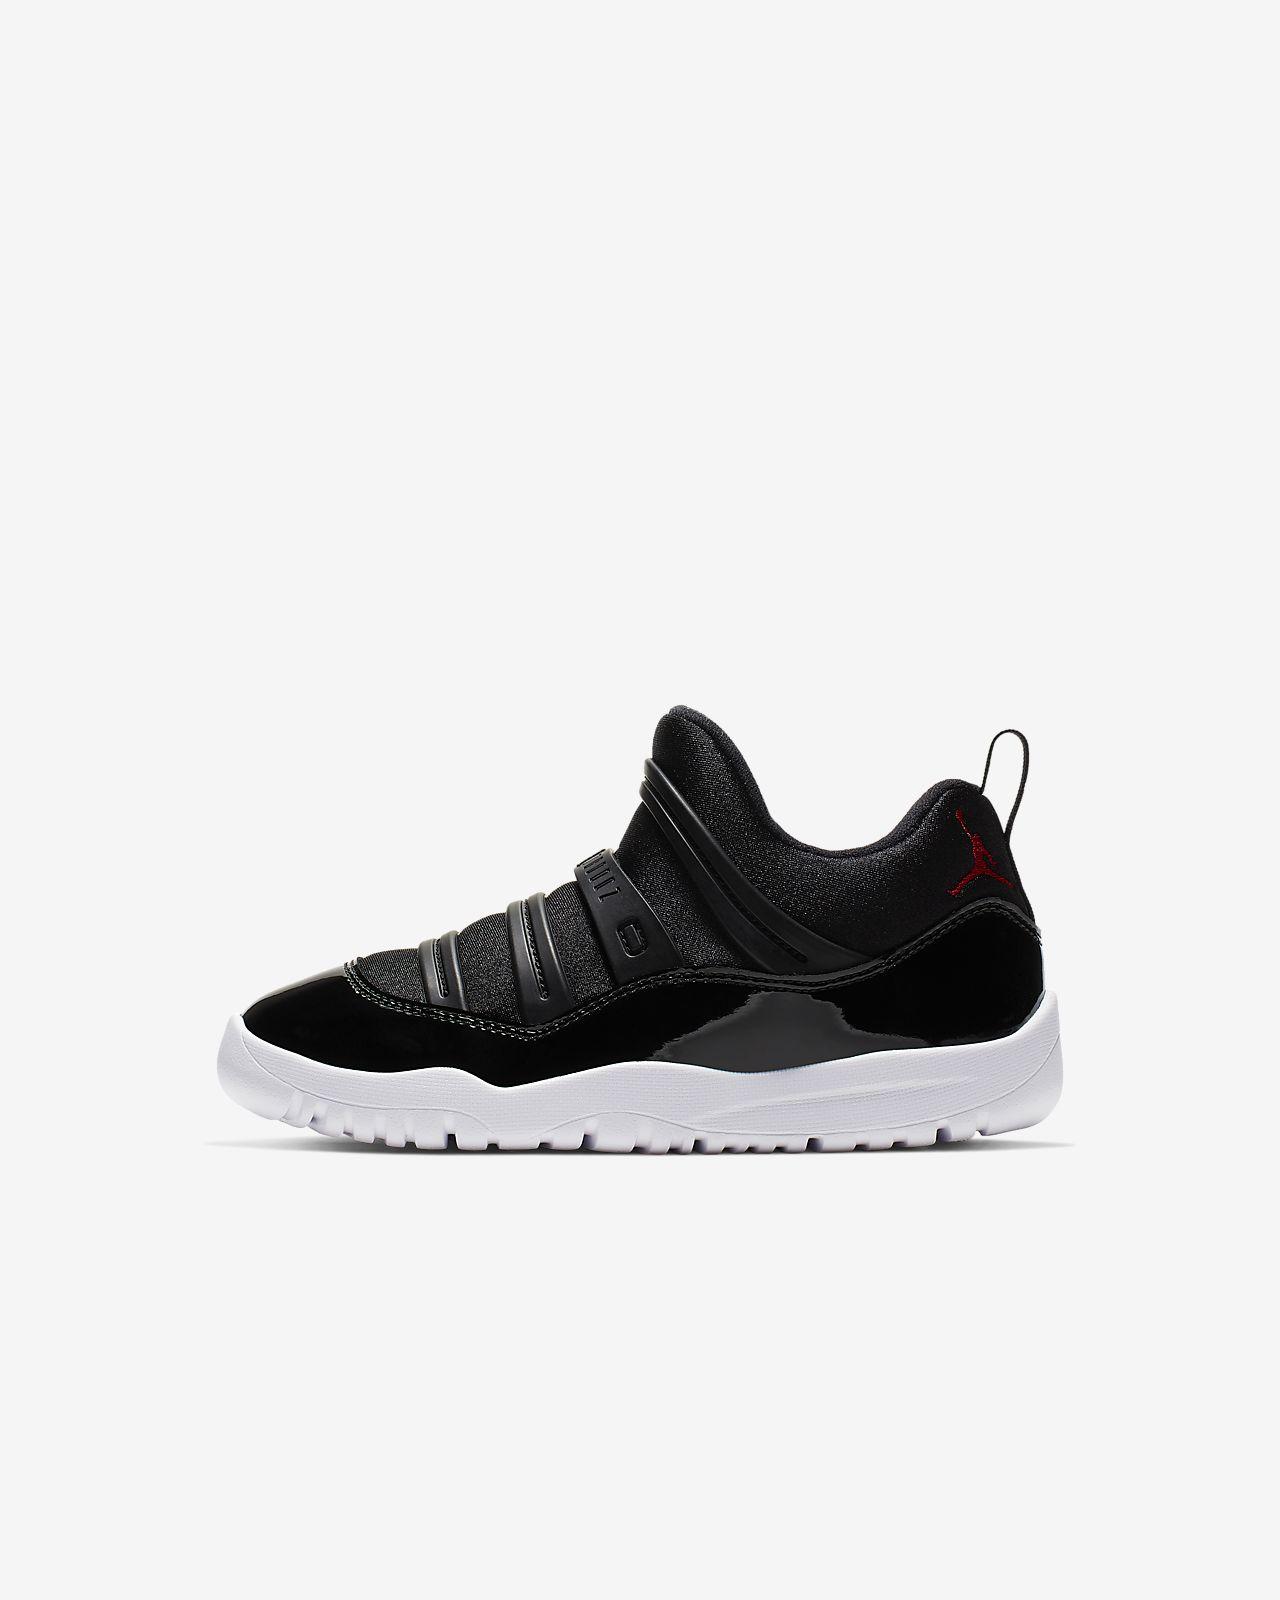 20241eee53b5ba Jordan 11 Retro Little Flex Little Kids  Shoe. Nike.com